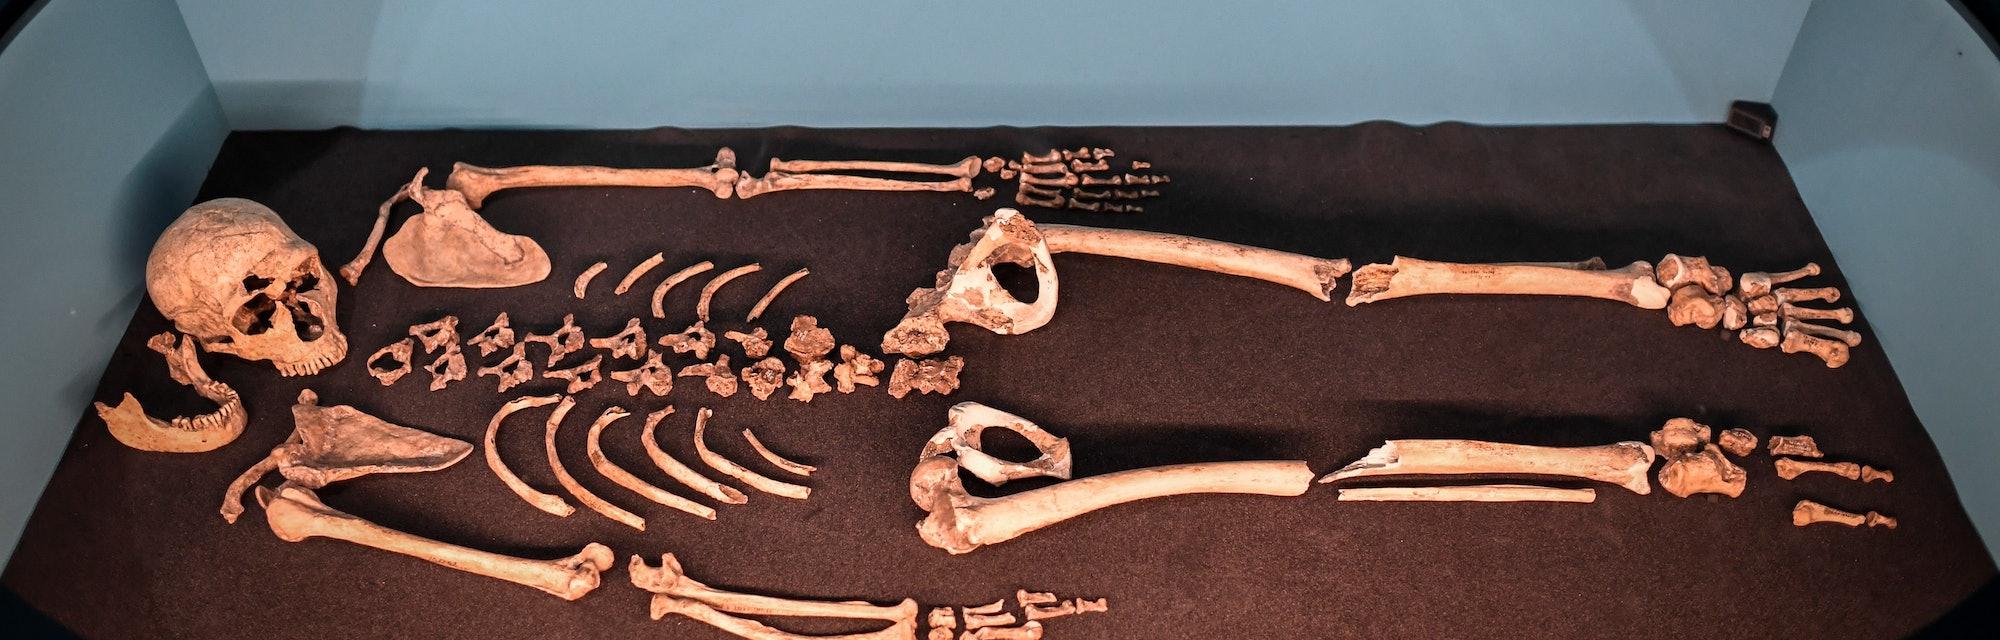 A Neanderthal skeleton on display.